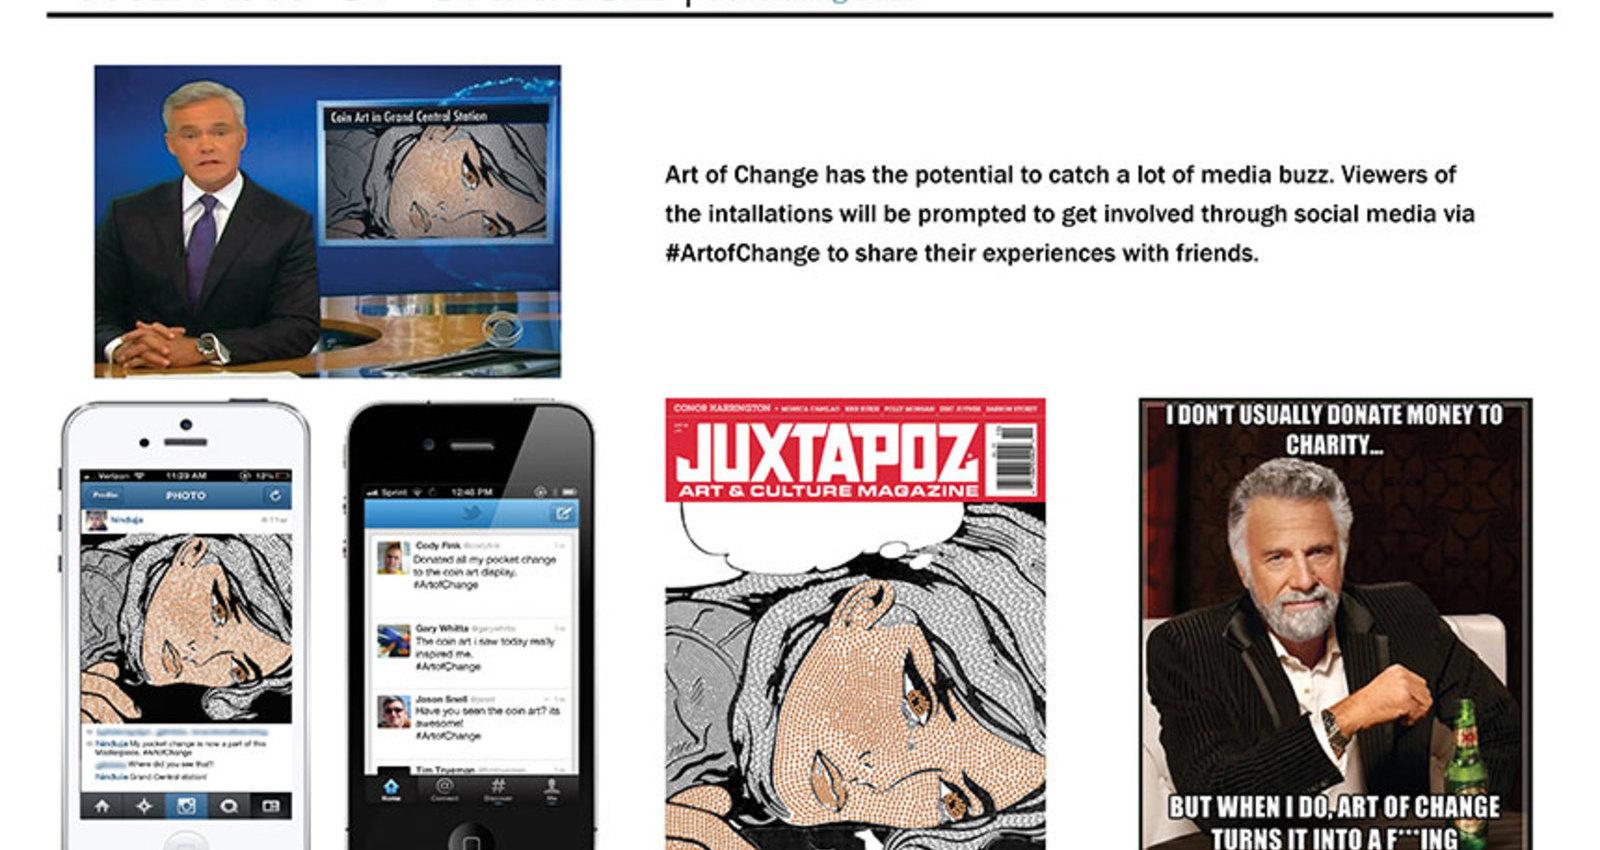 Art of Change